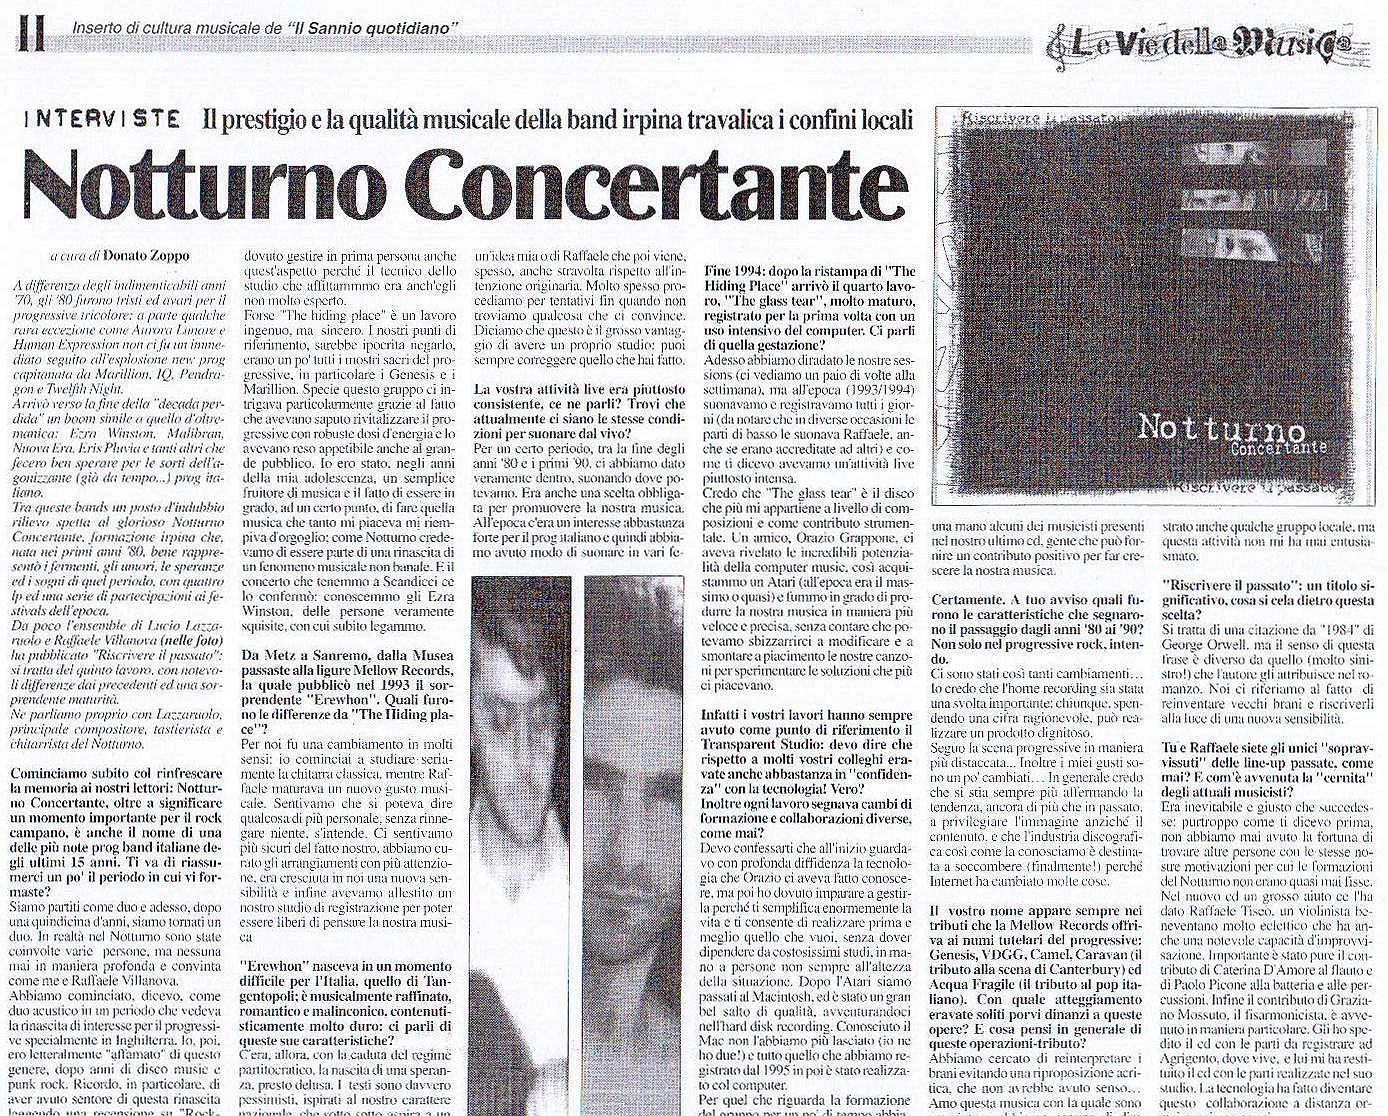 Vie della musica 31 gennaio 2003